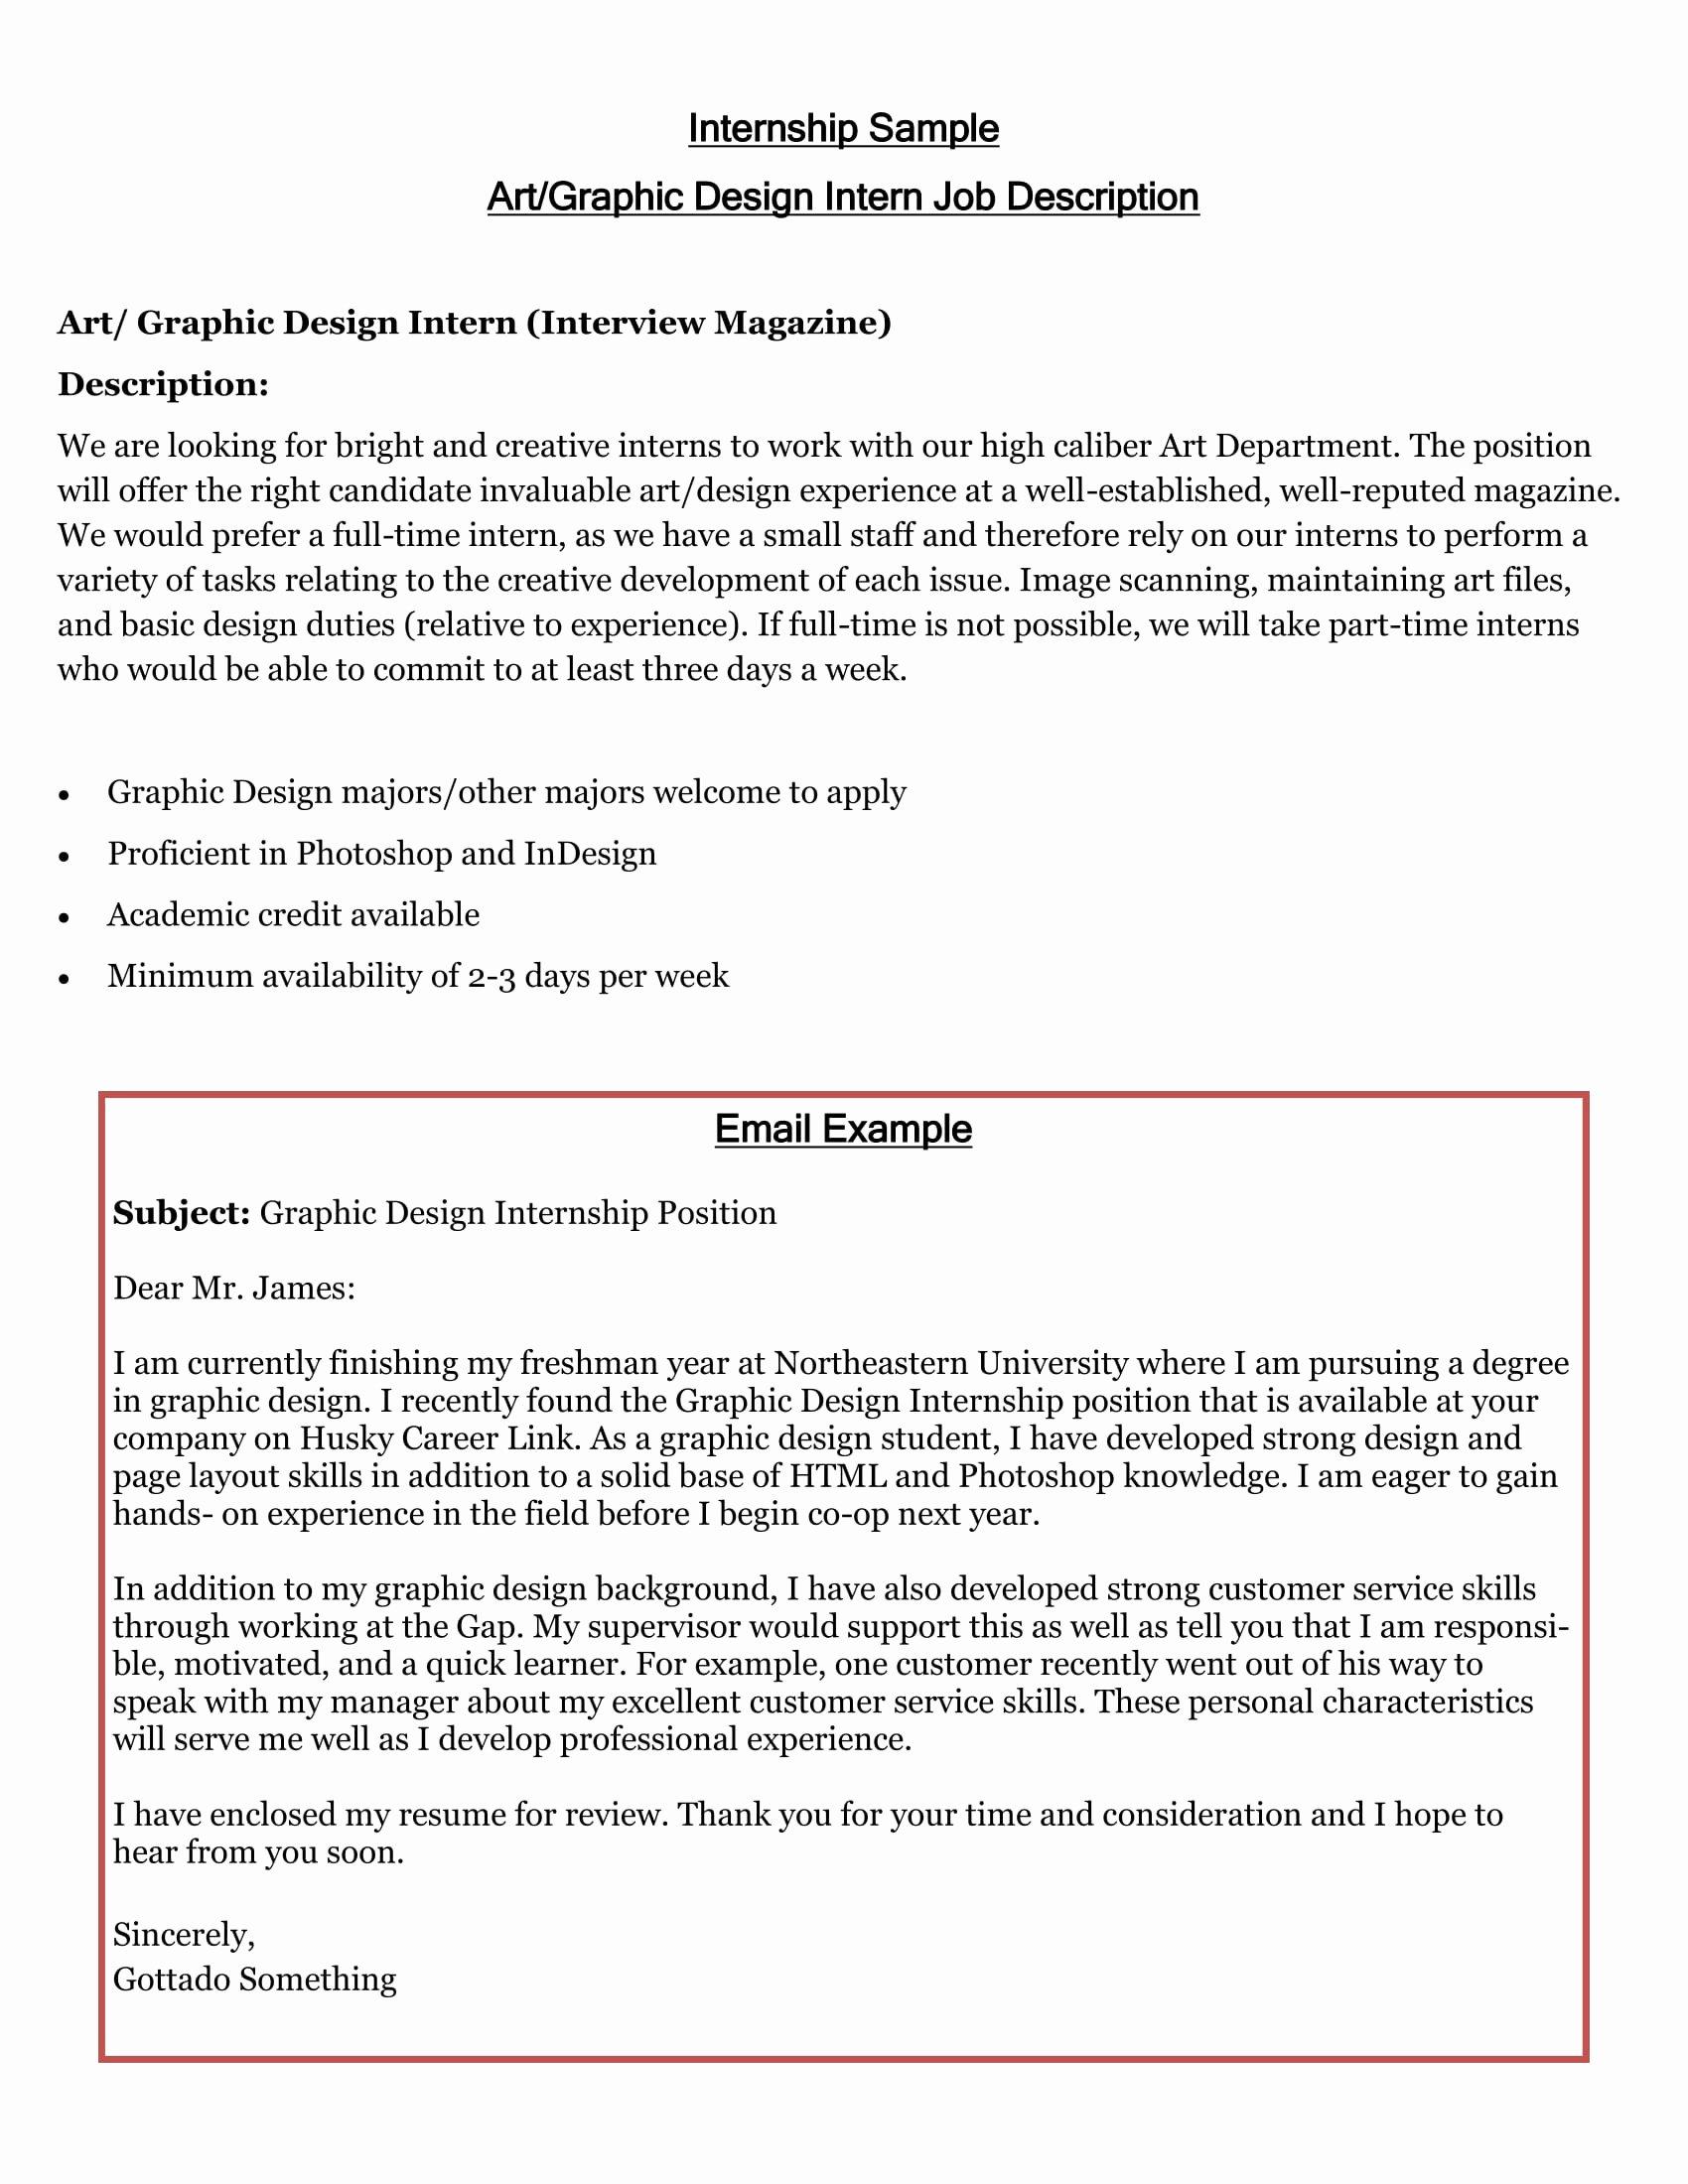 Cover Letter format Internship Lovely 16 Best Cover Letter Samples for Internship Wisestep